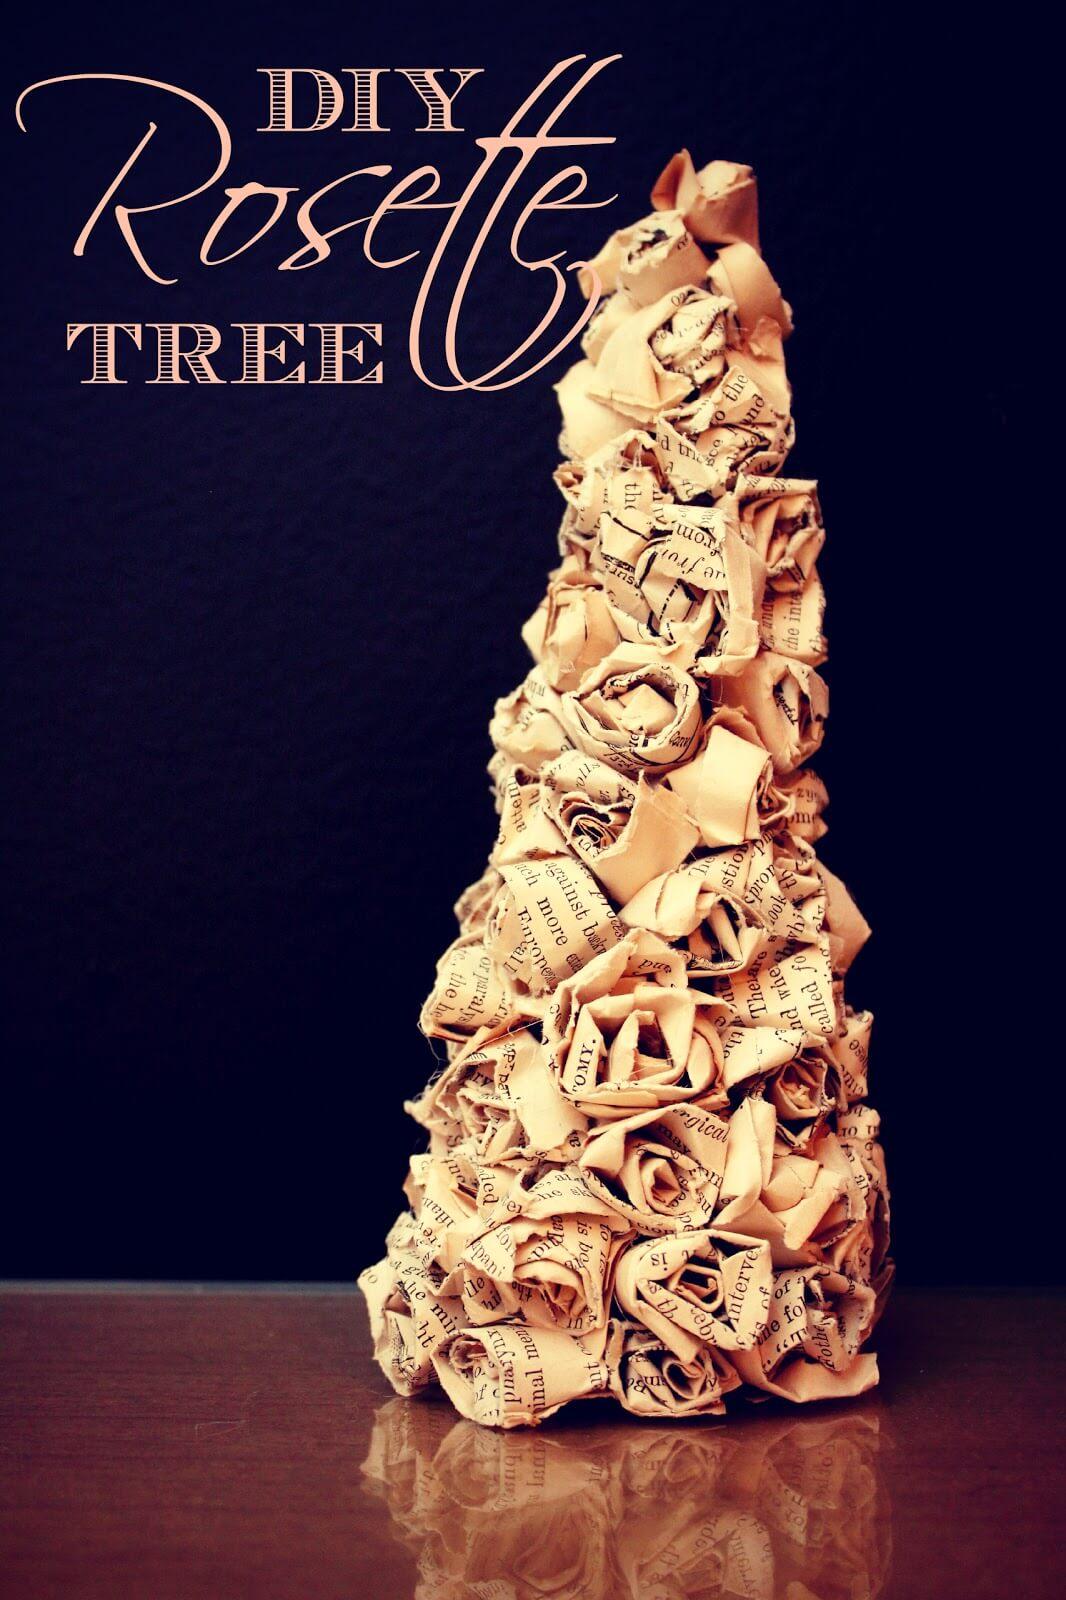 Romantic DIY Rosette Craft Tree